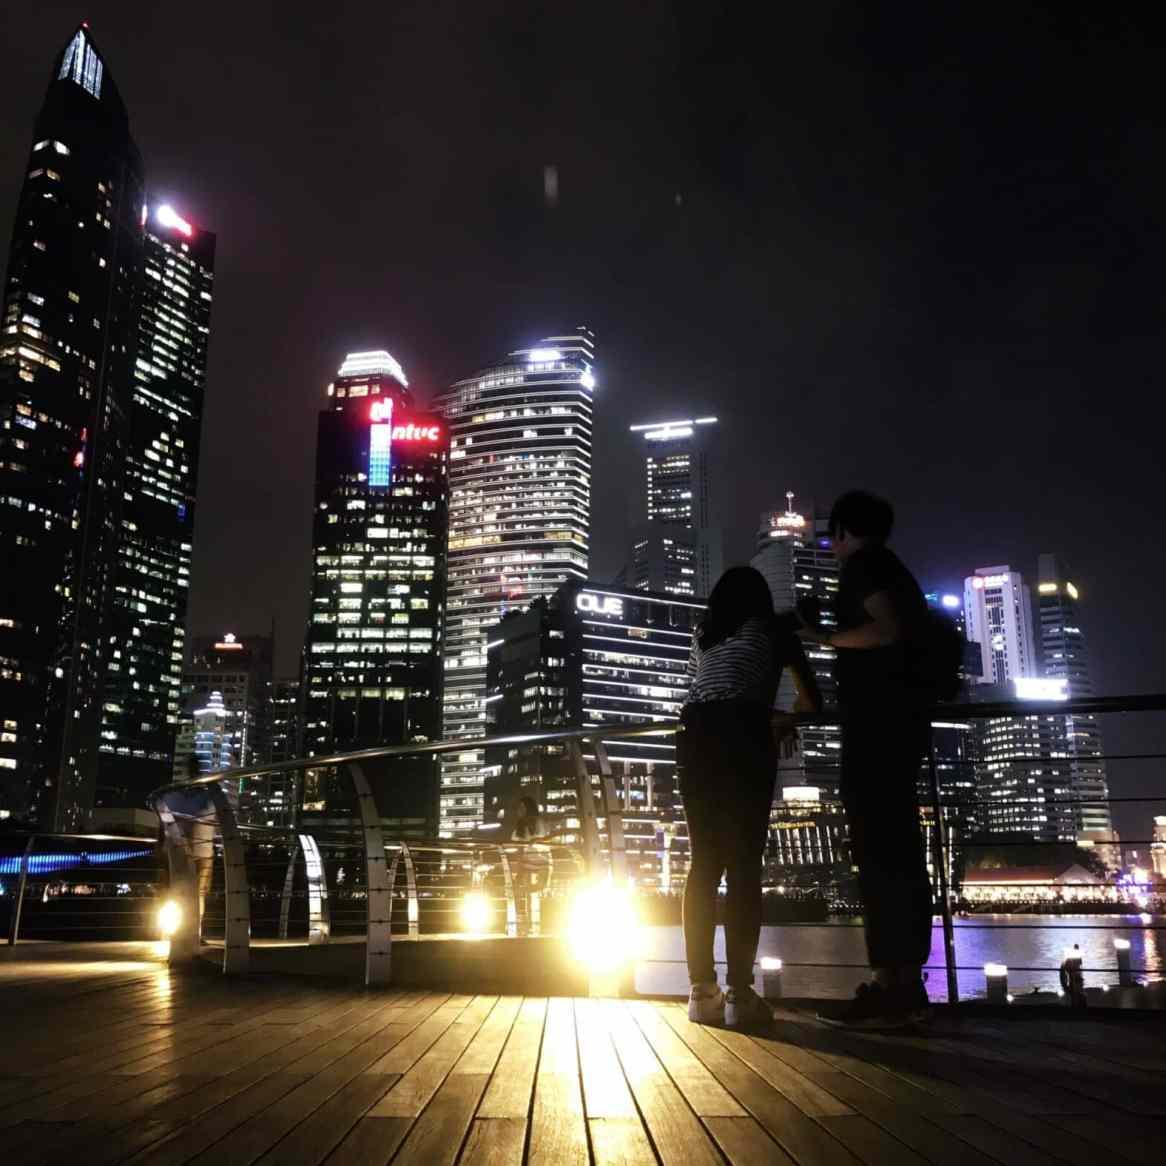 Een beetje hetzelfde als de Petronas Towers, maar dan zonder de Petronas Towers.